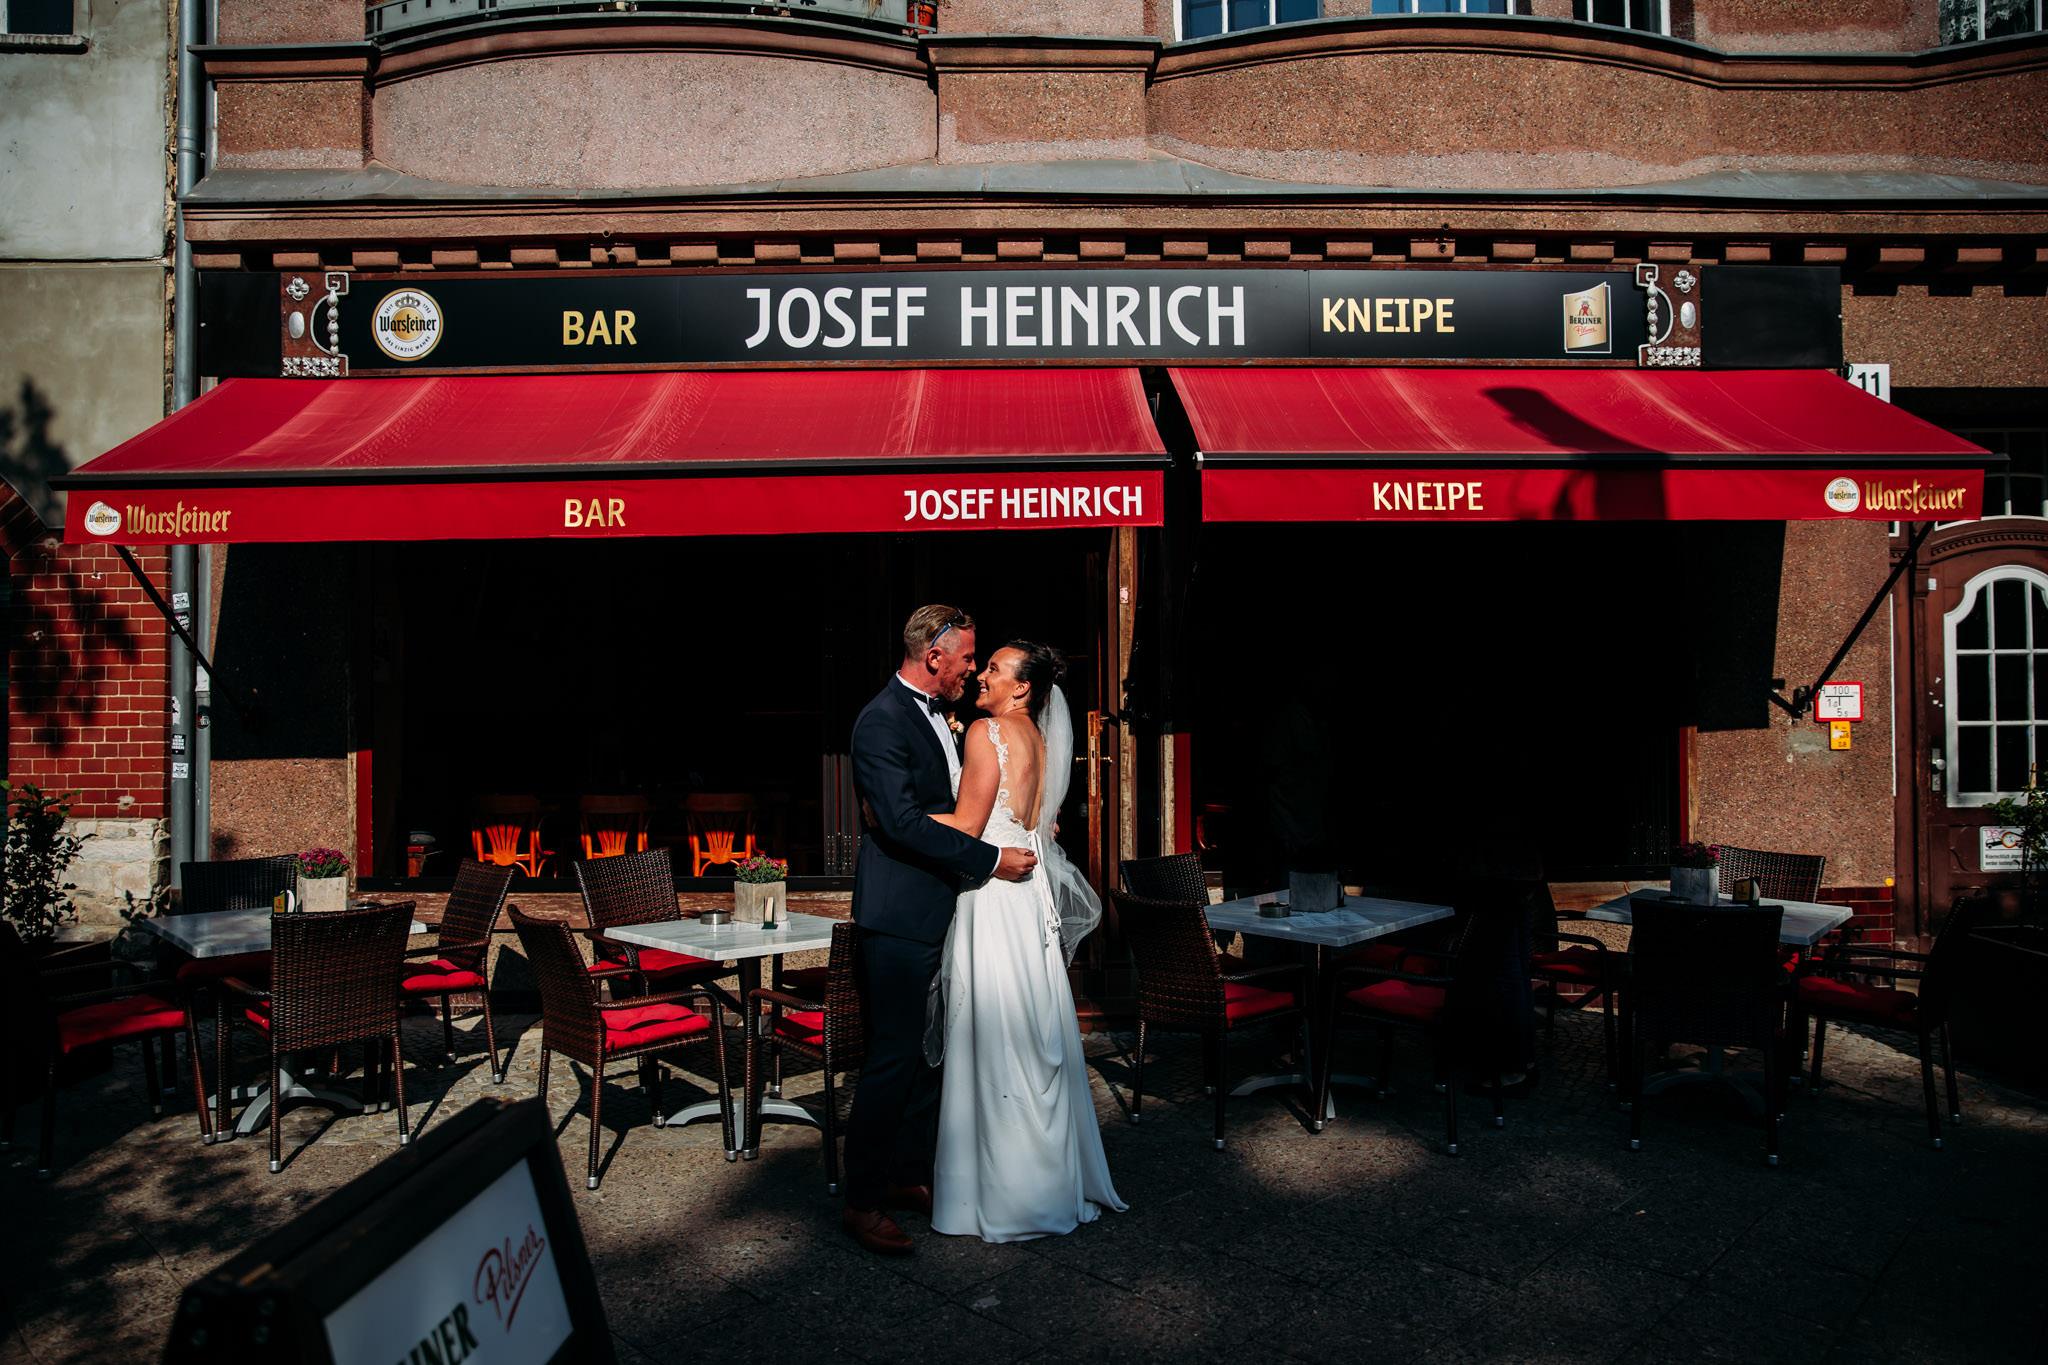 190622_Standesamtliche_Hochzeit_Wolterdorf_Schleuse_0022.jpg